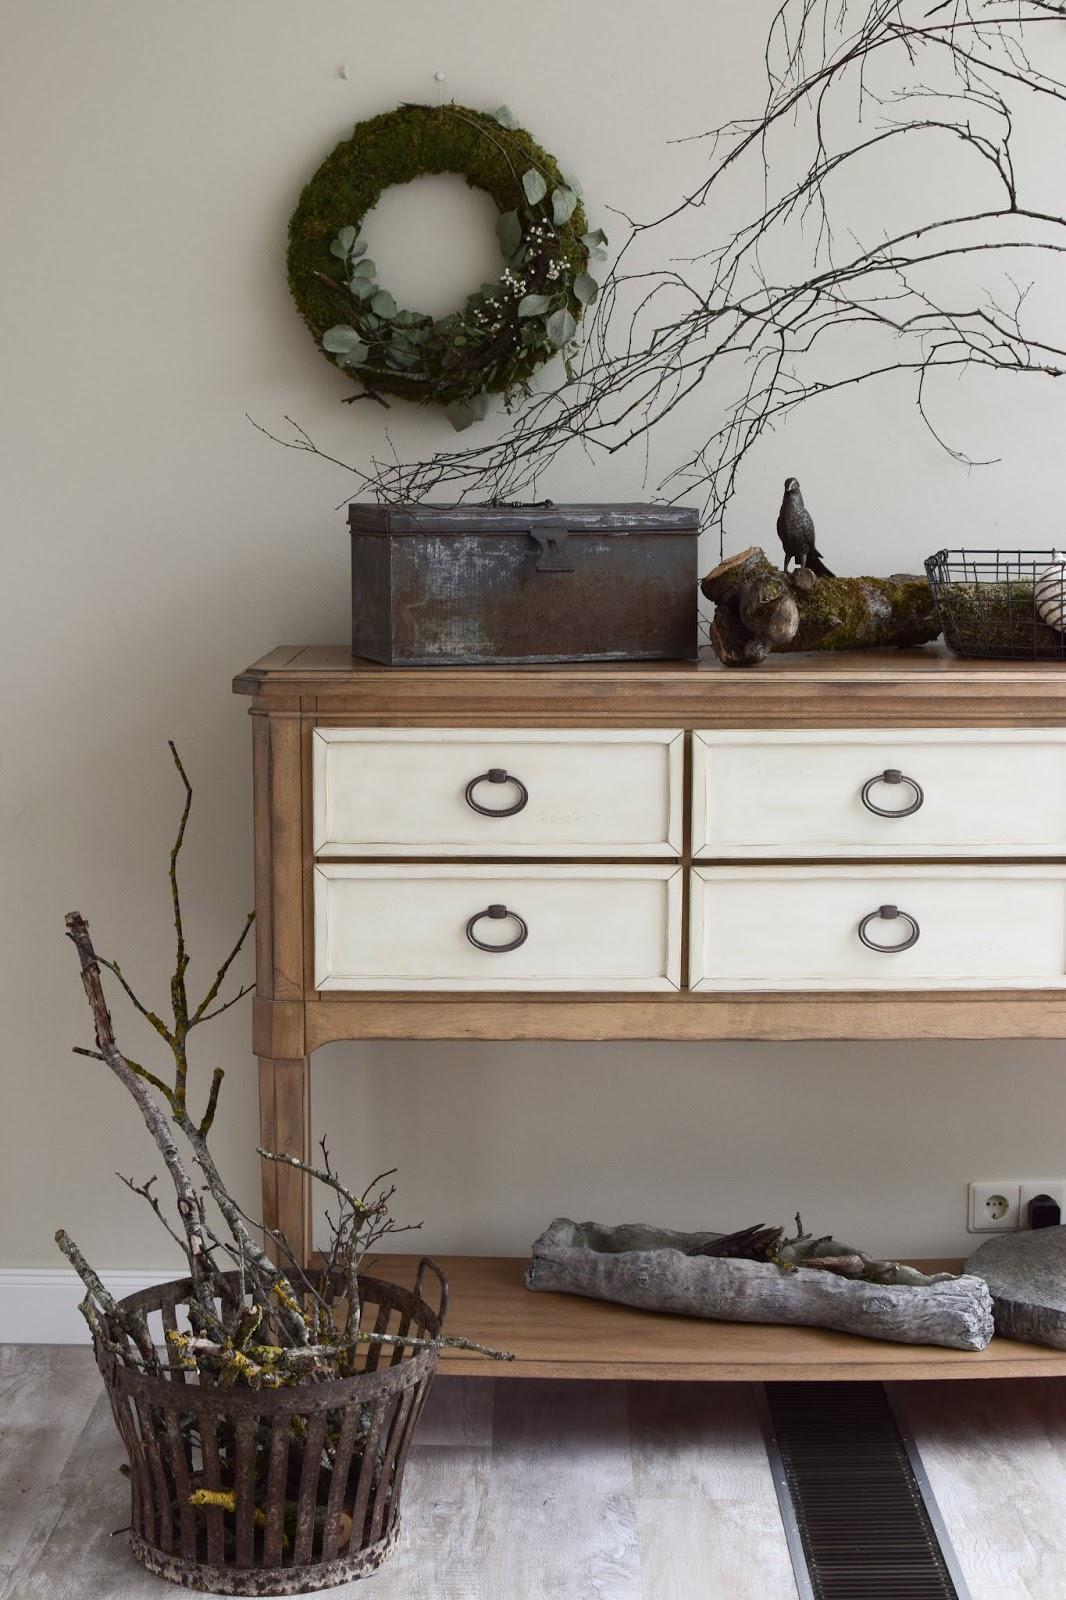 DIY Kranz binden mit Moos, Eukalyptus, Zweigen und Schleierkraut. Mooskranz Ideen Naturdeko für Sommer und Herbst selber machen Dekoidee Dekoration Wanddeko